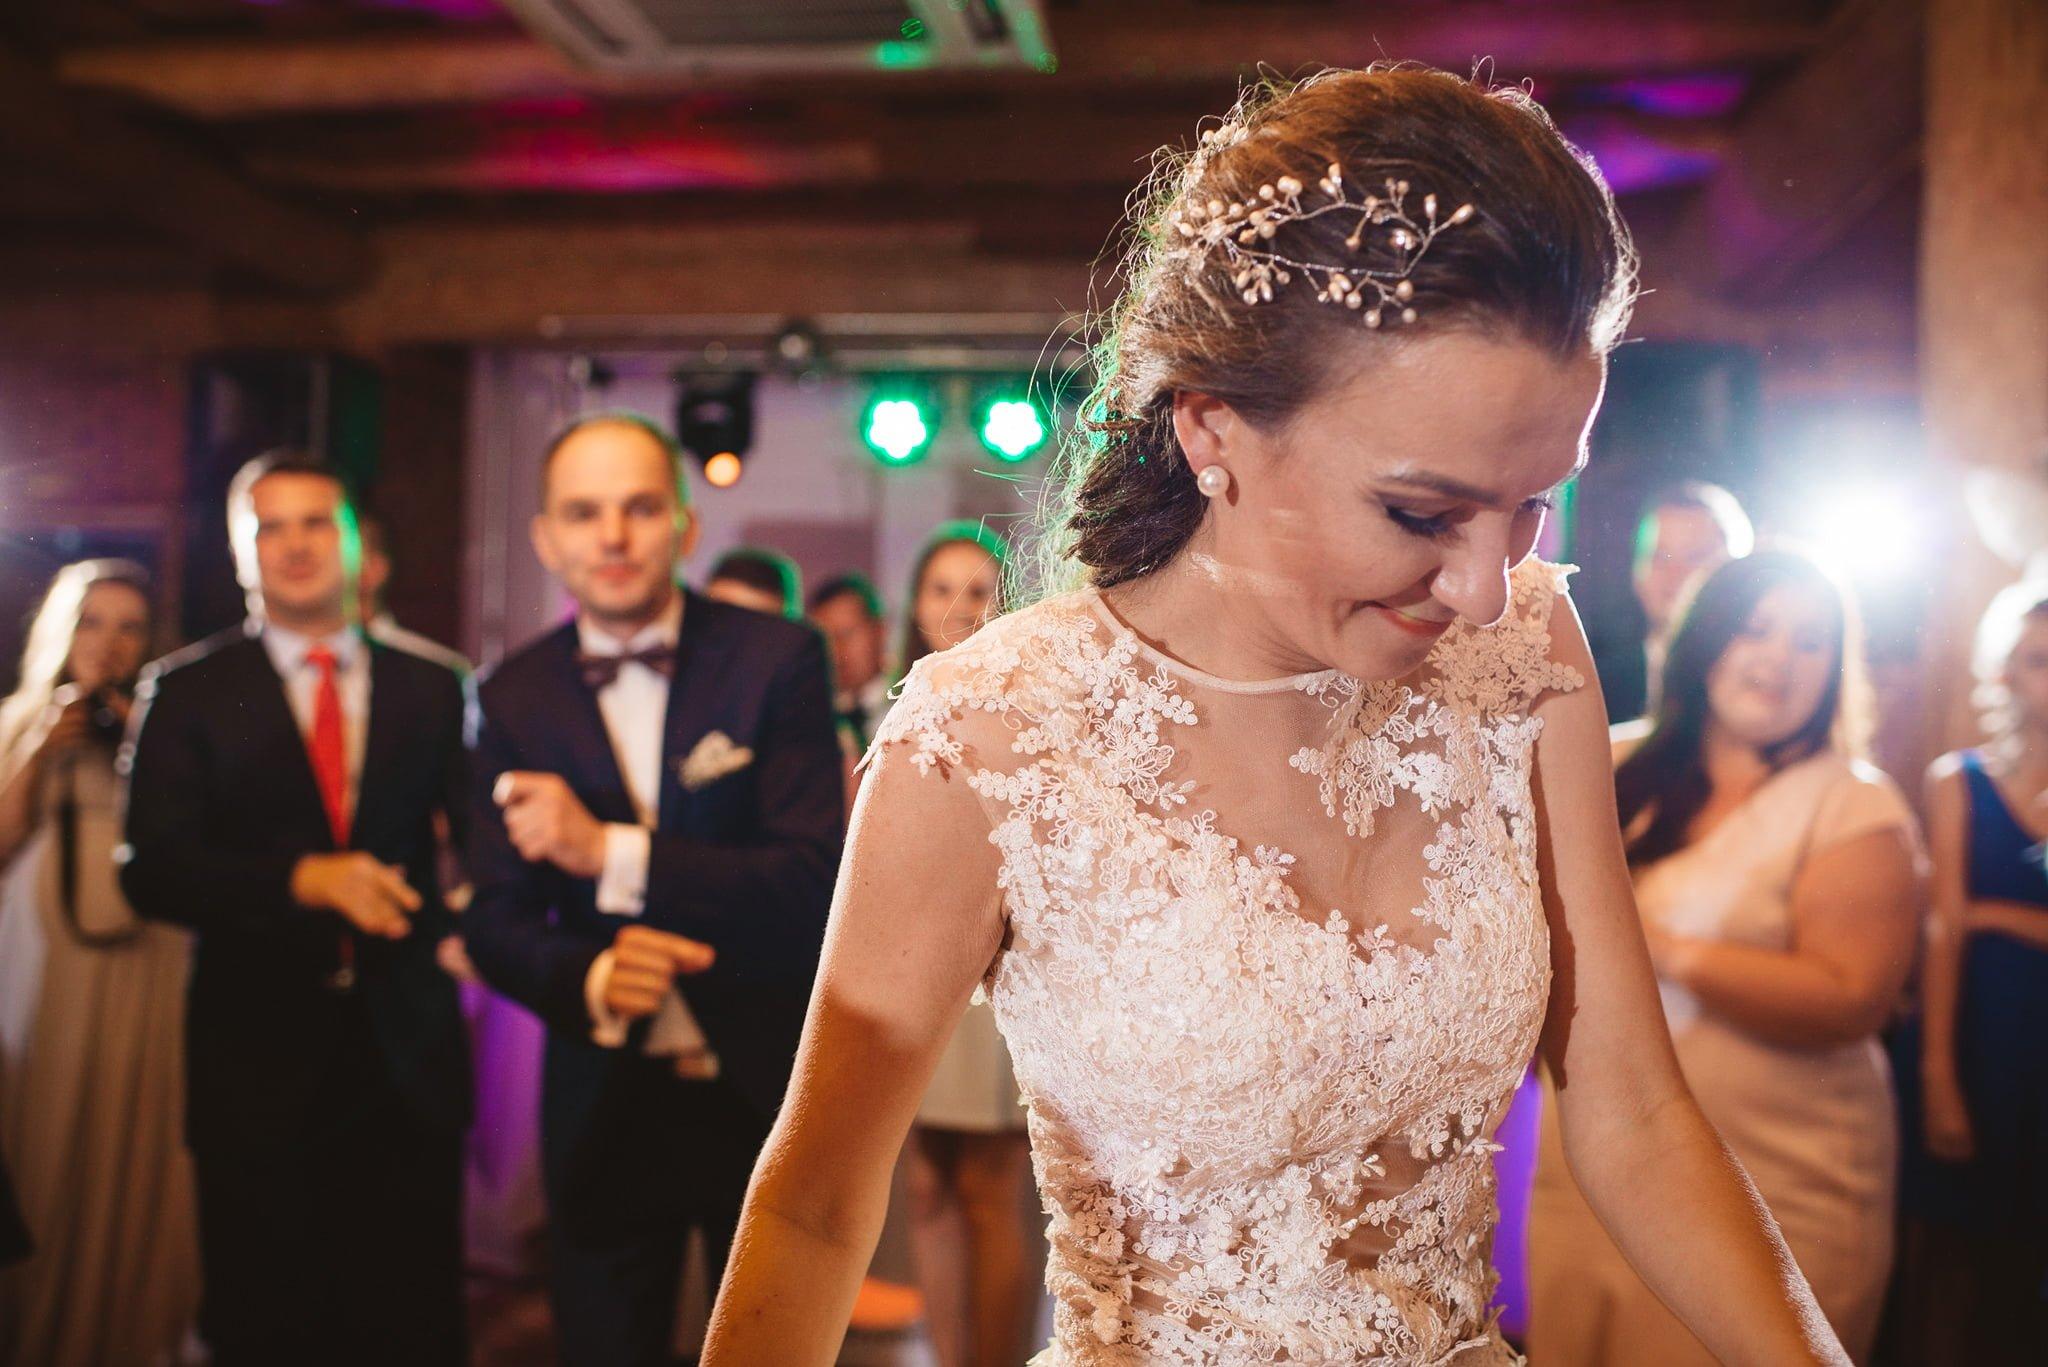 Ala i Arek, czyli jak zorganizować ślub i wesele w 4 tygodnie! 207